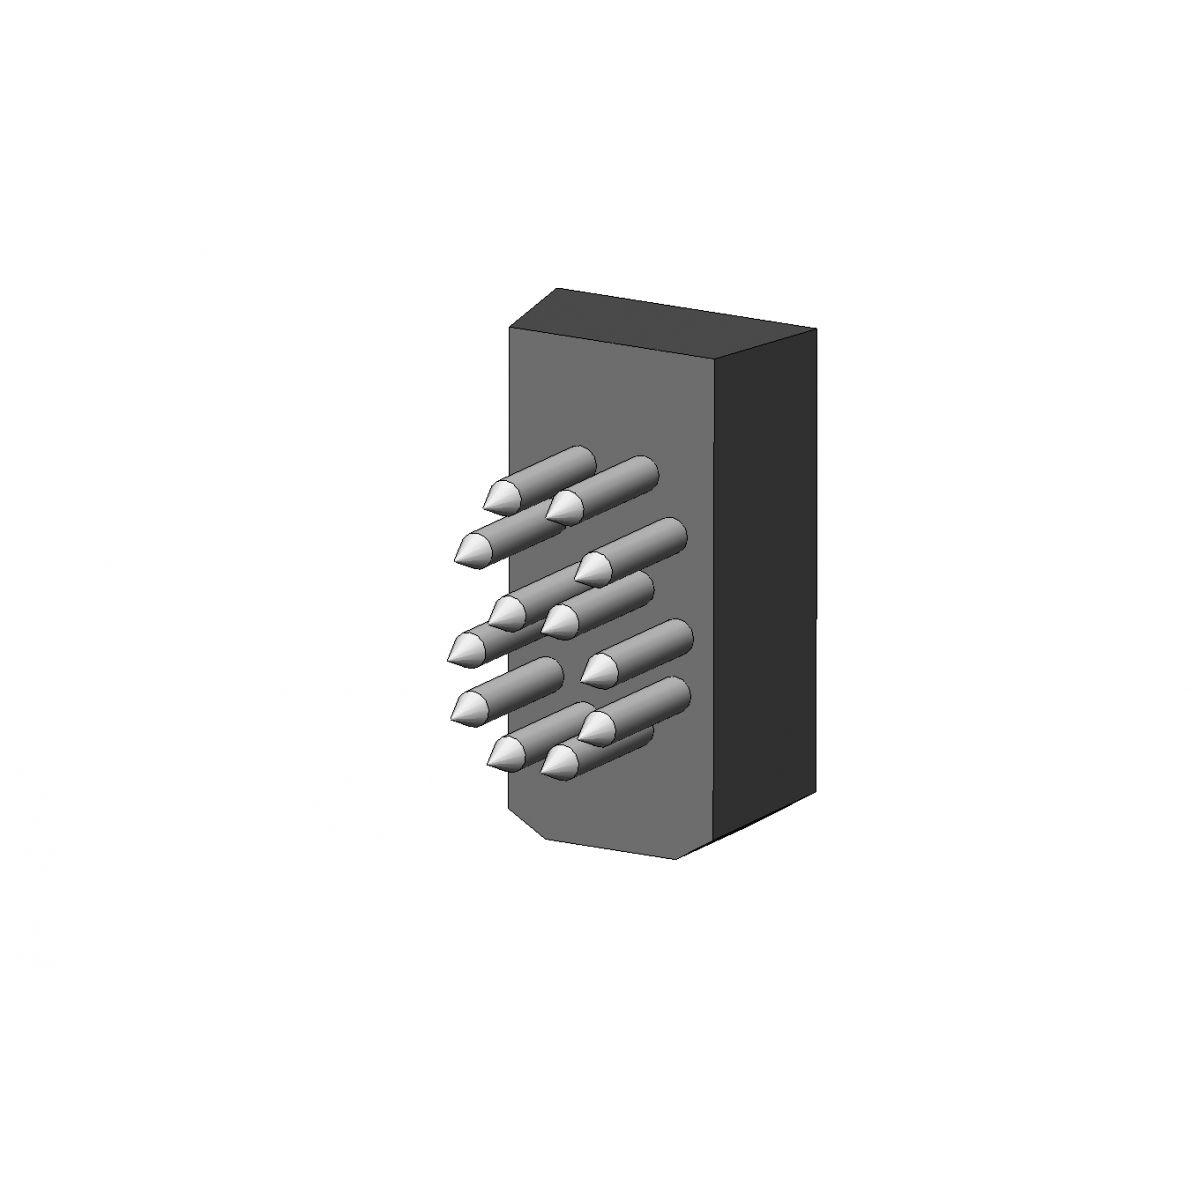 Jogo Números L10x17.5 (10mm) - 6 Espaços